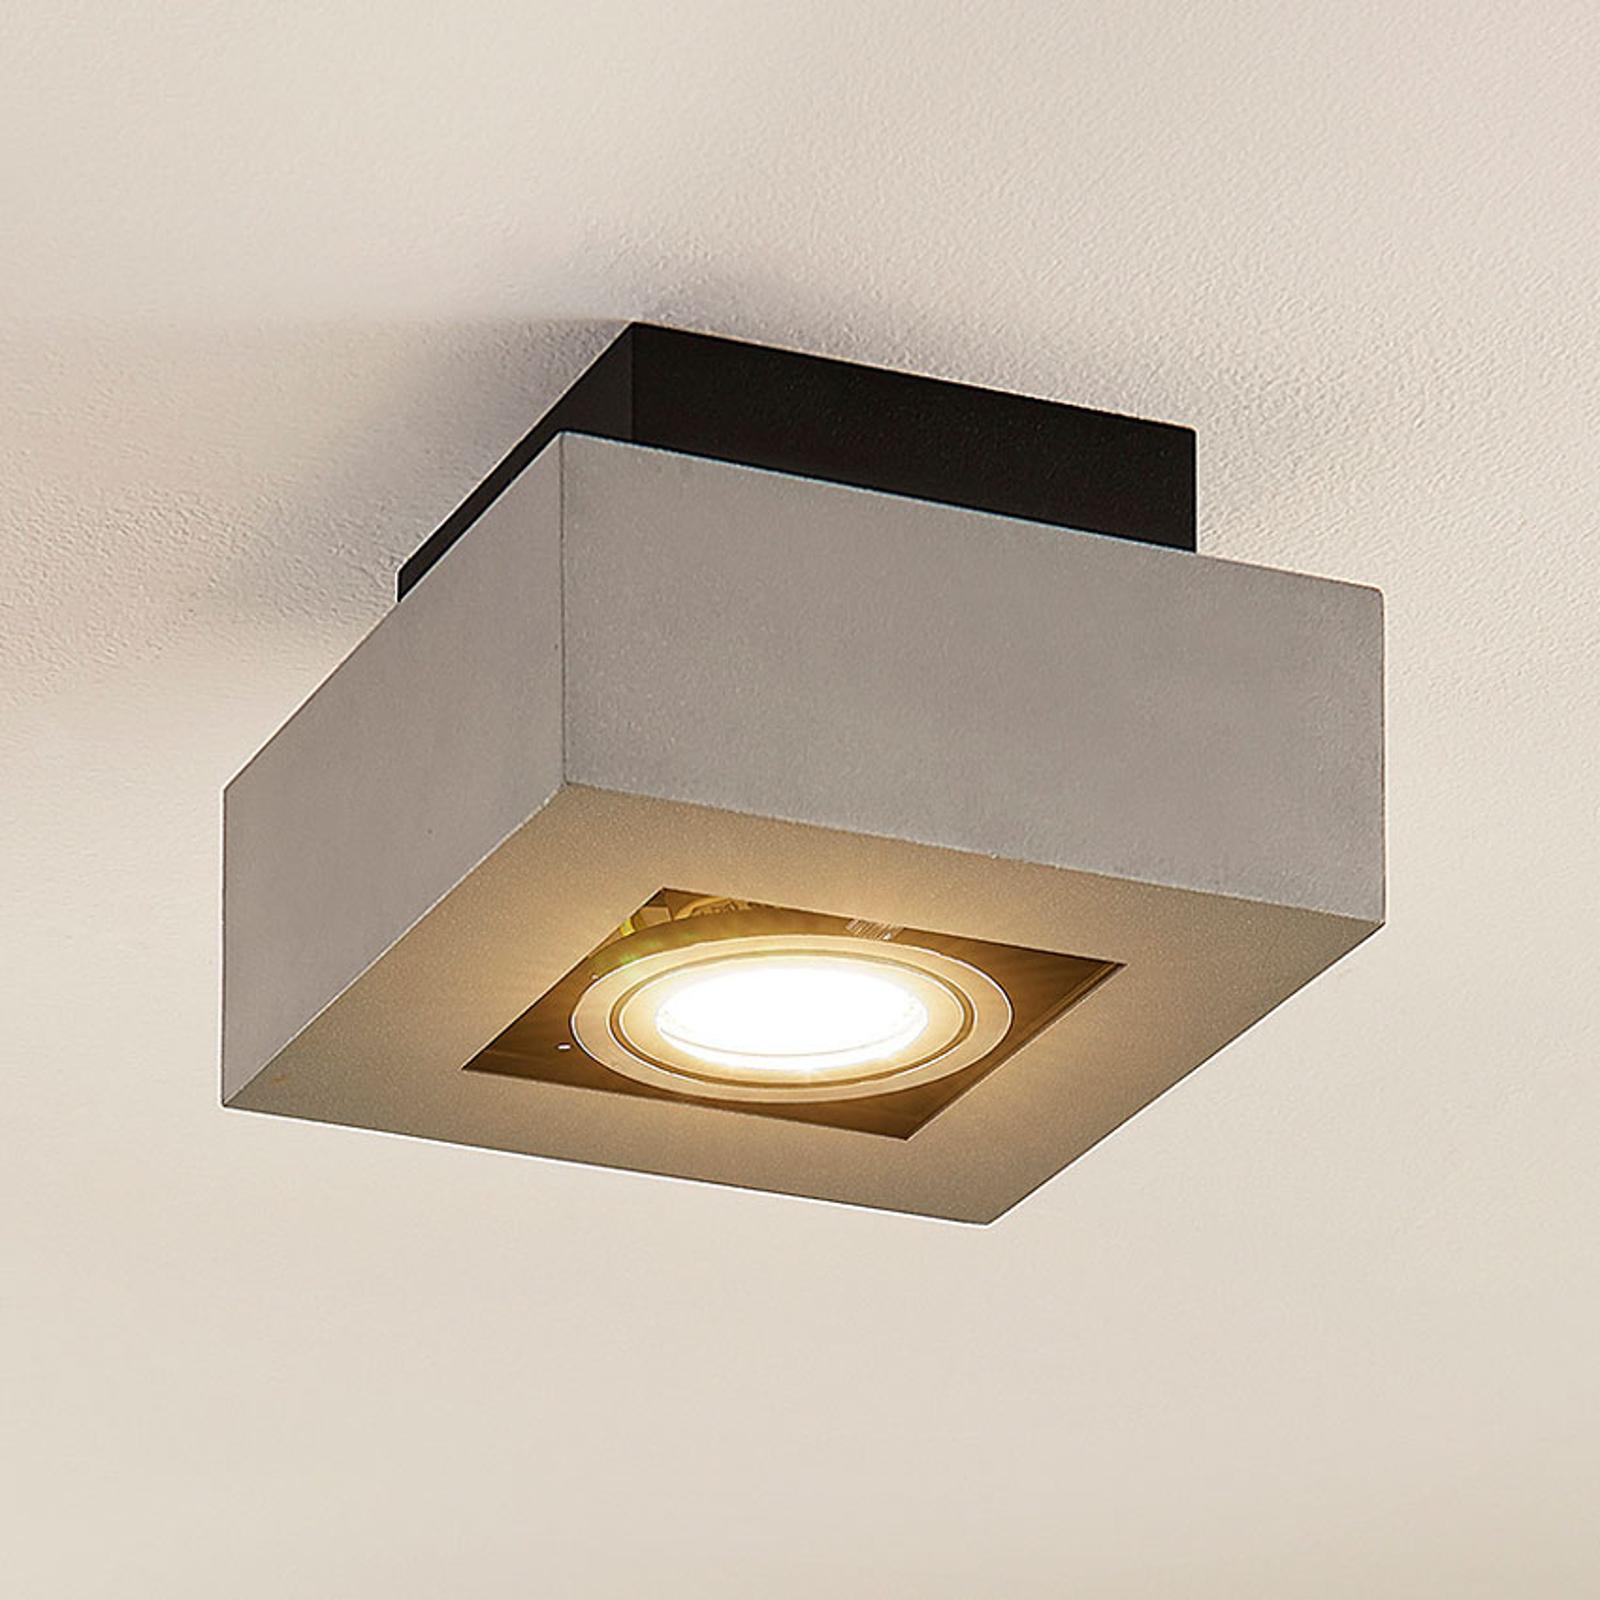 Aluminium LED-plafondlamp Vince